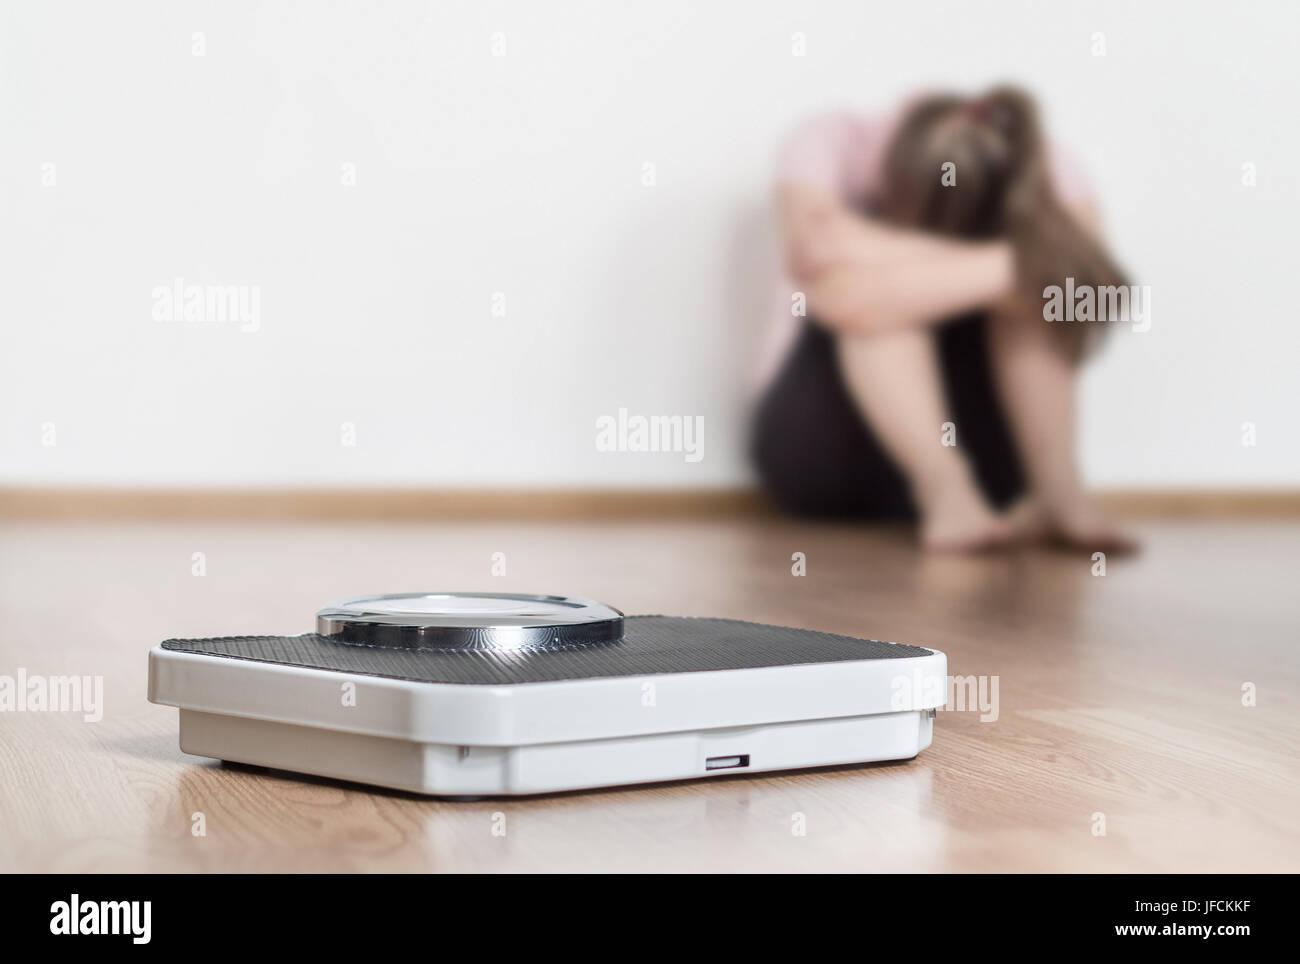 La perte de poids ne concept. Échelle et déprimé, frustré et triste woman sitting on floor holding Photo Stock